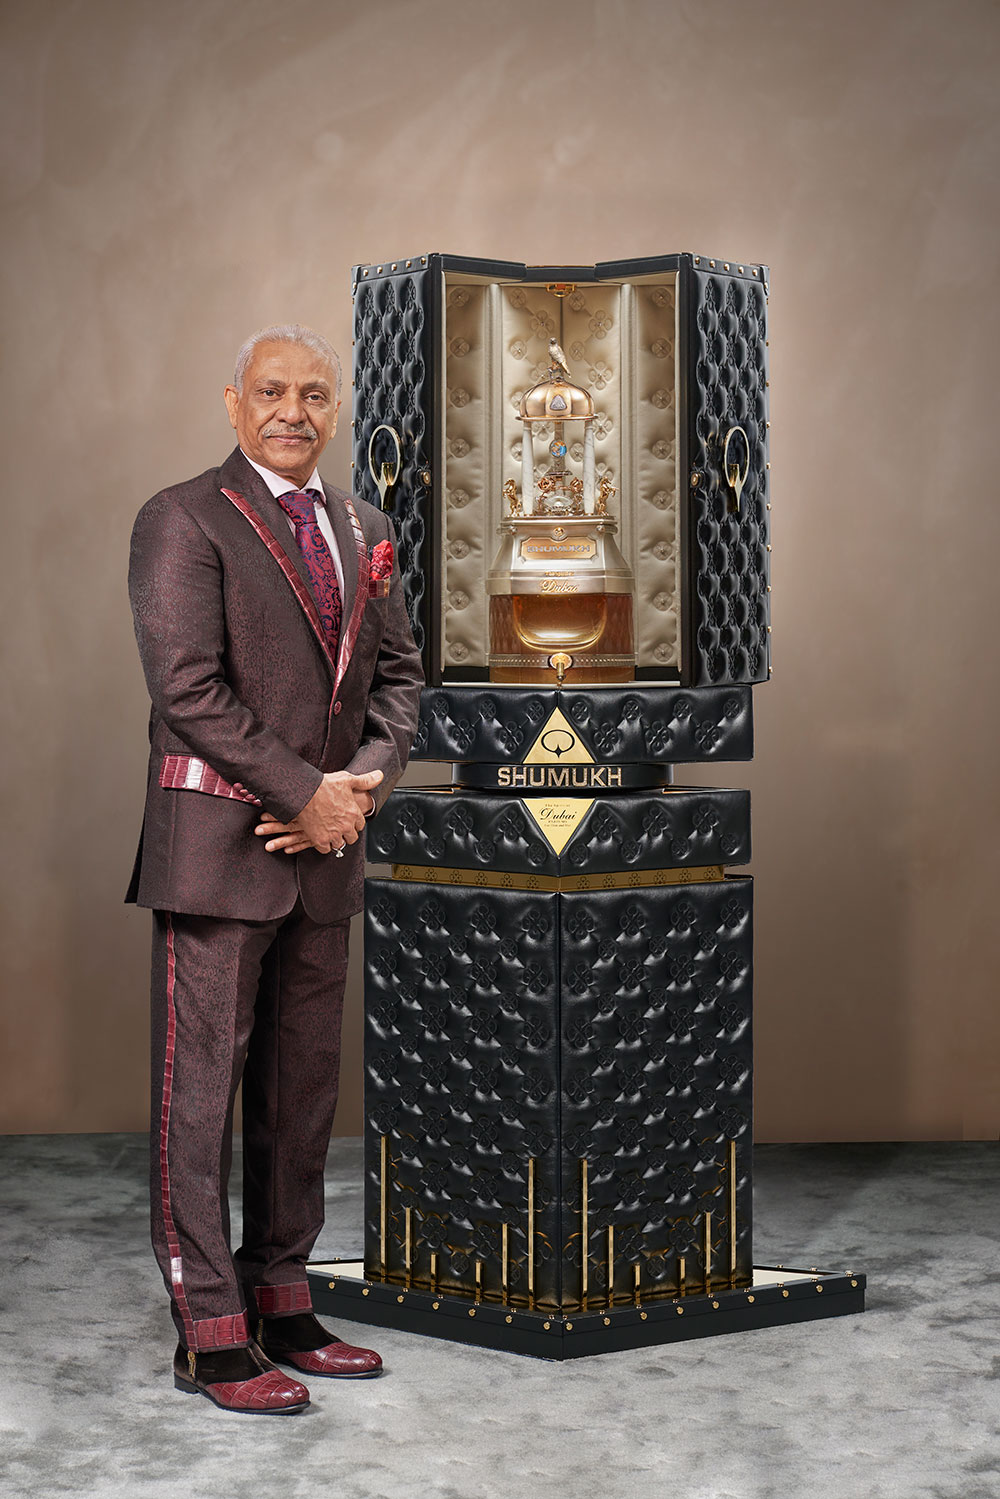 Ashgar adam ali mostexpensiveperfumes resources1 - ¿Estarías dispuesto a pagar 1.3 millones de dólares por un perfume? Dubai tiene el perfume más caro del mundo